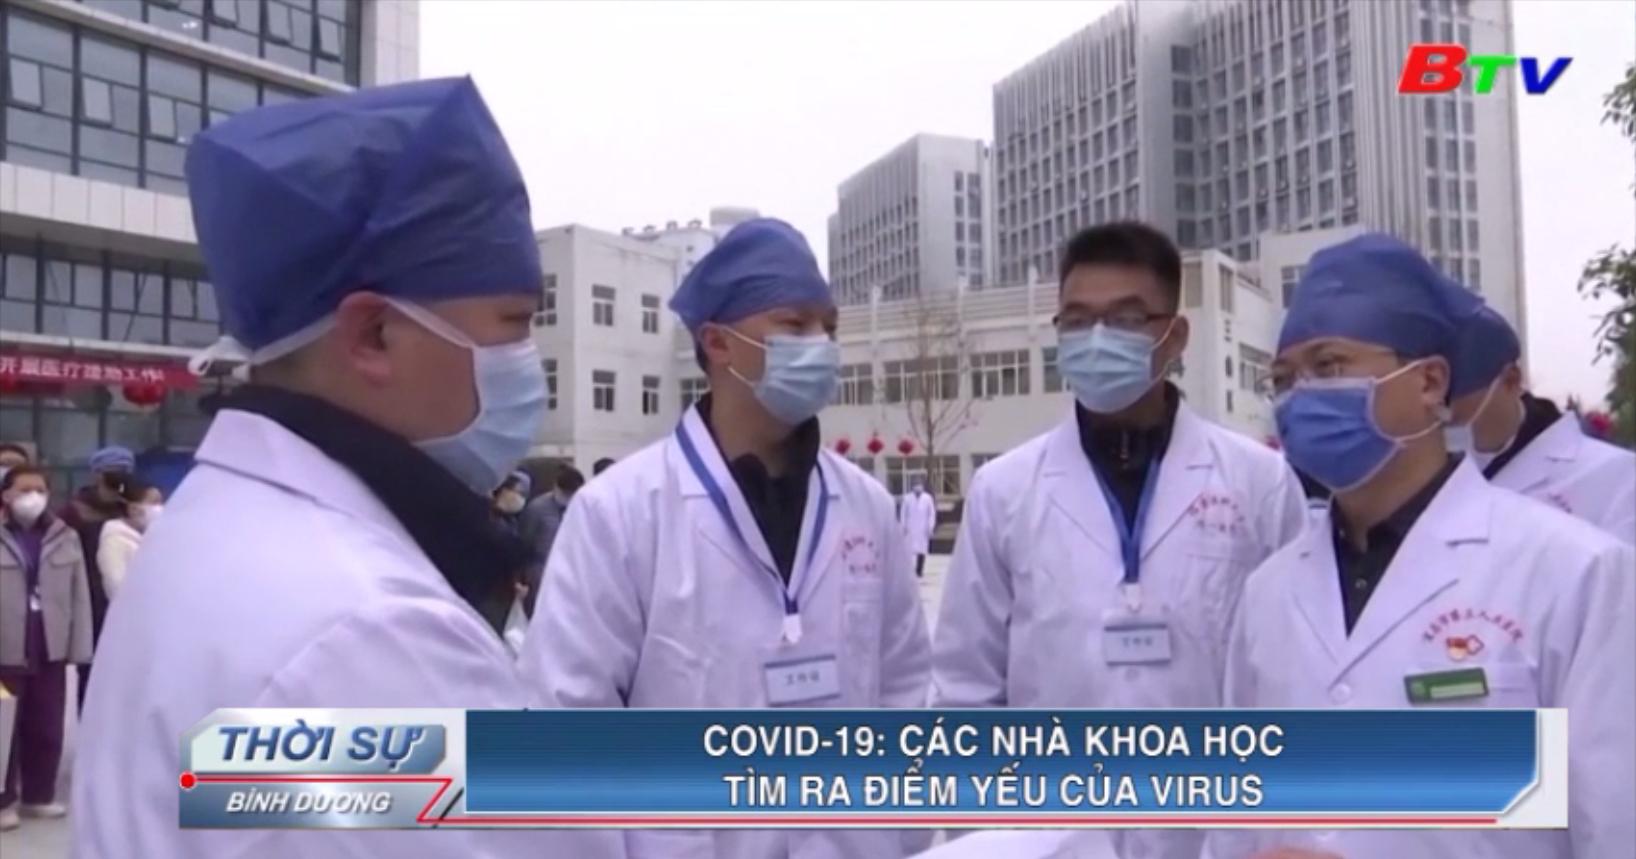 Covid-19 – Các nhà khoa học tìm ra điểm yếu của virus